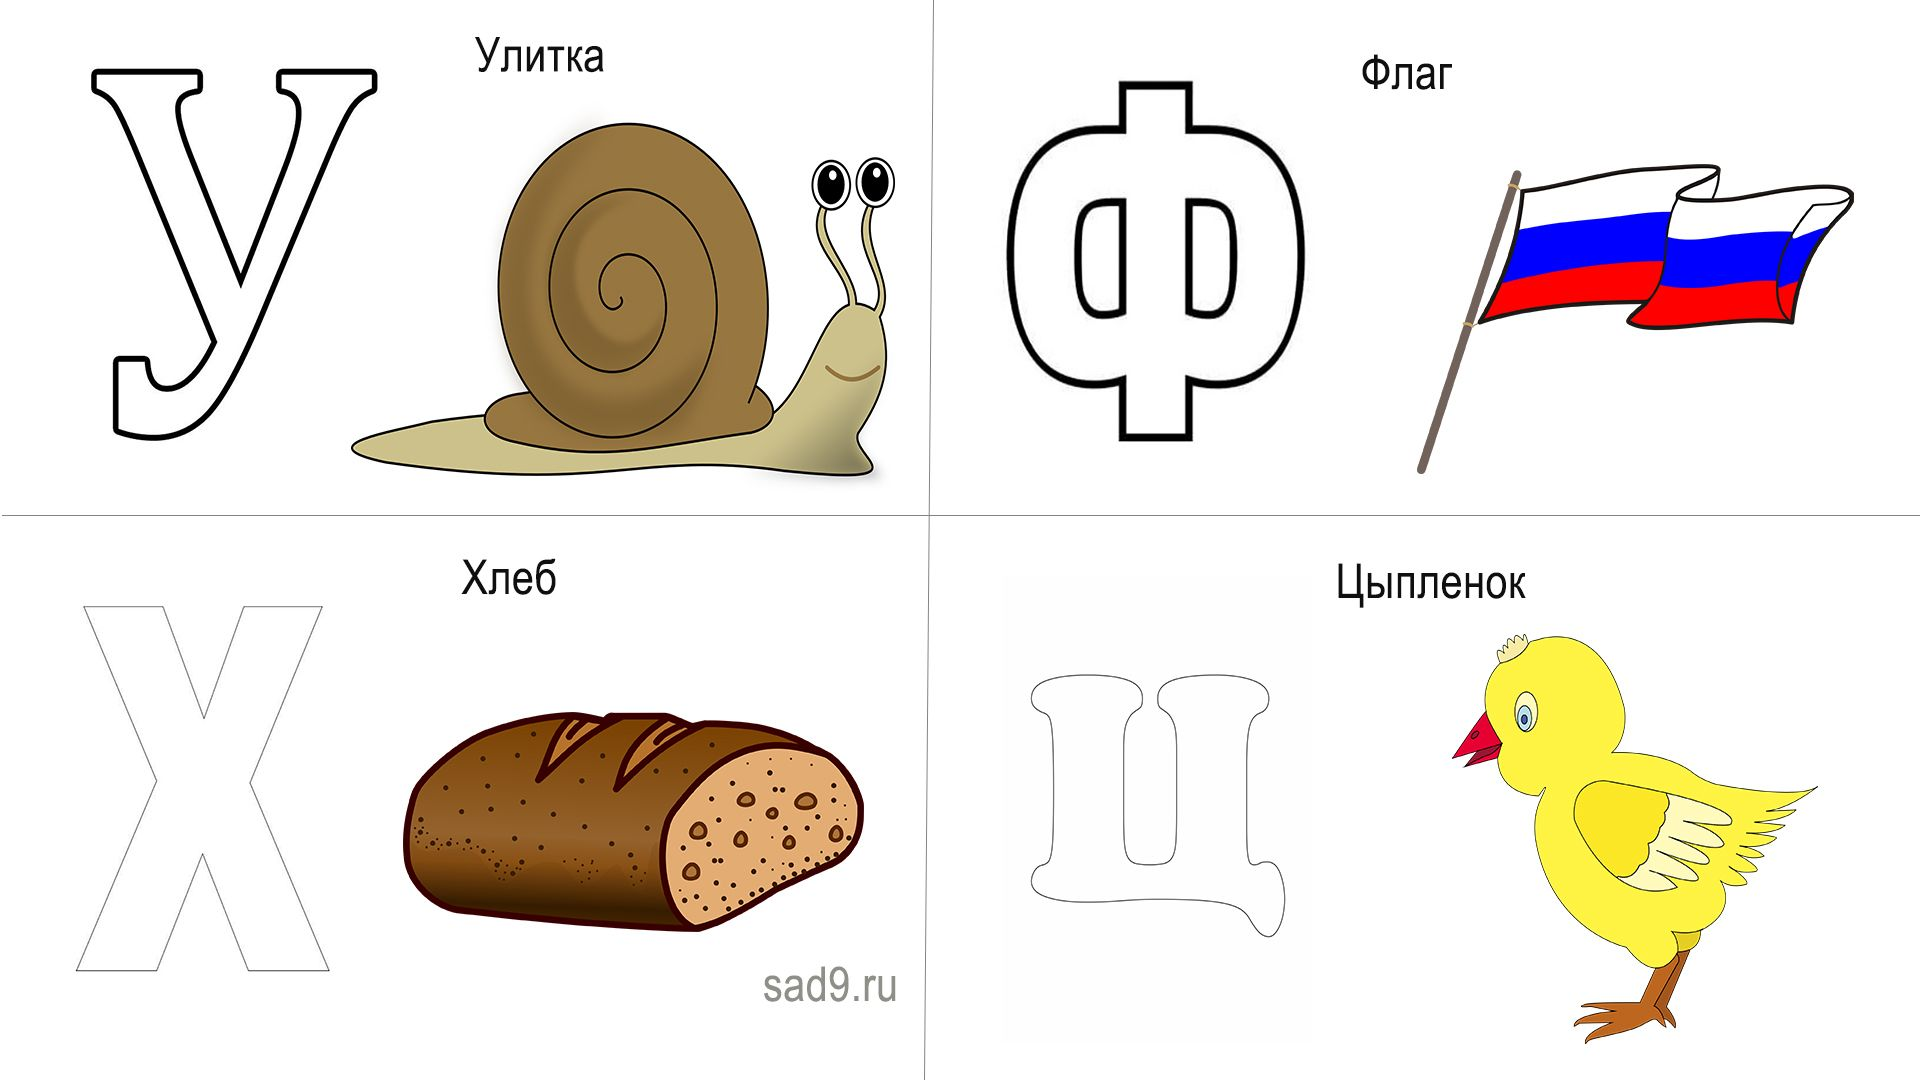 Расскраски русского алфавита для детей, распечатать можно ...